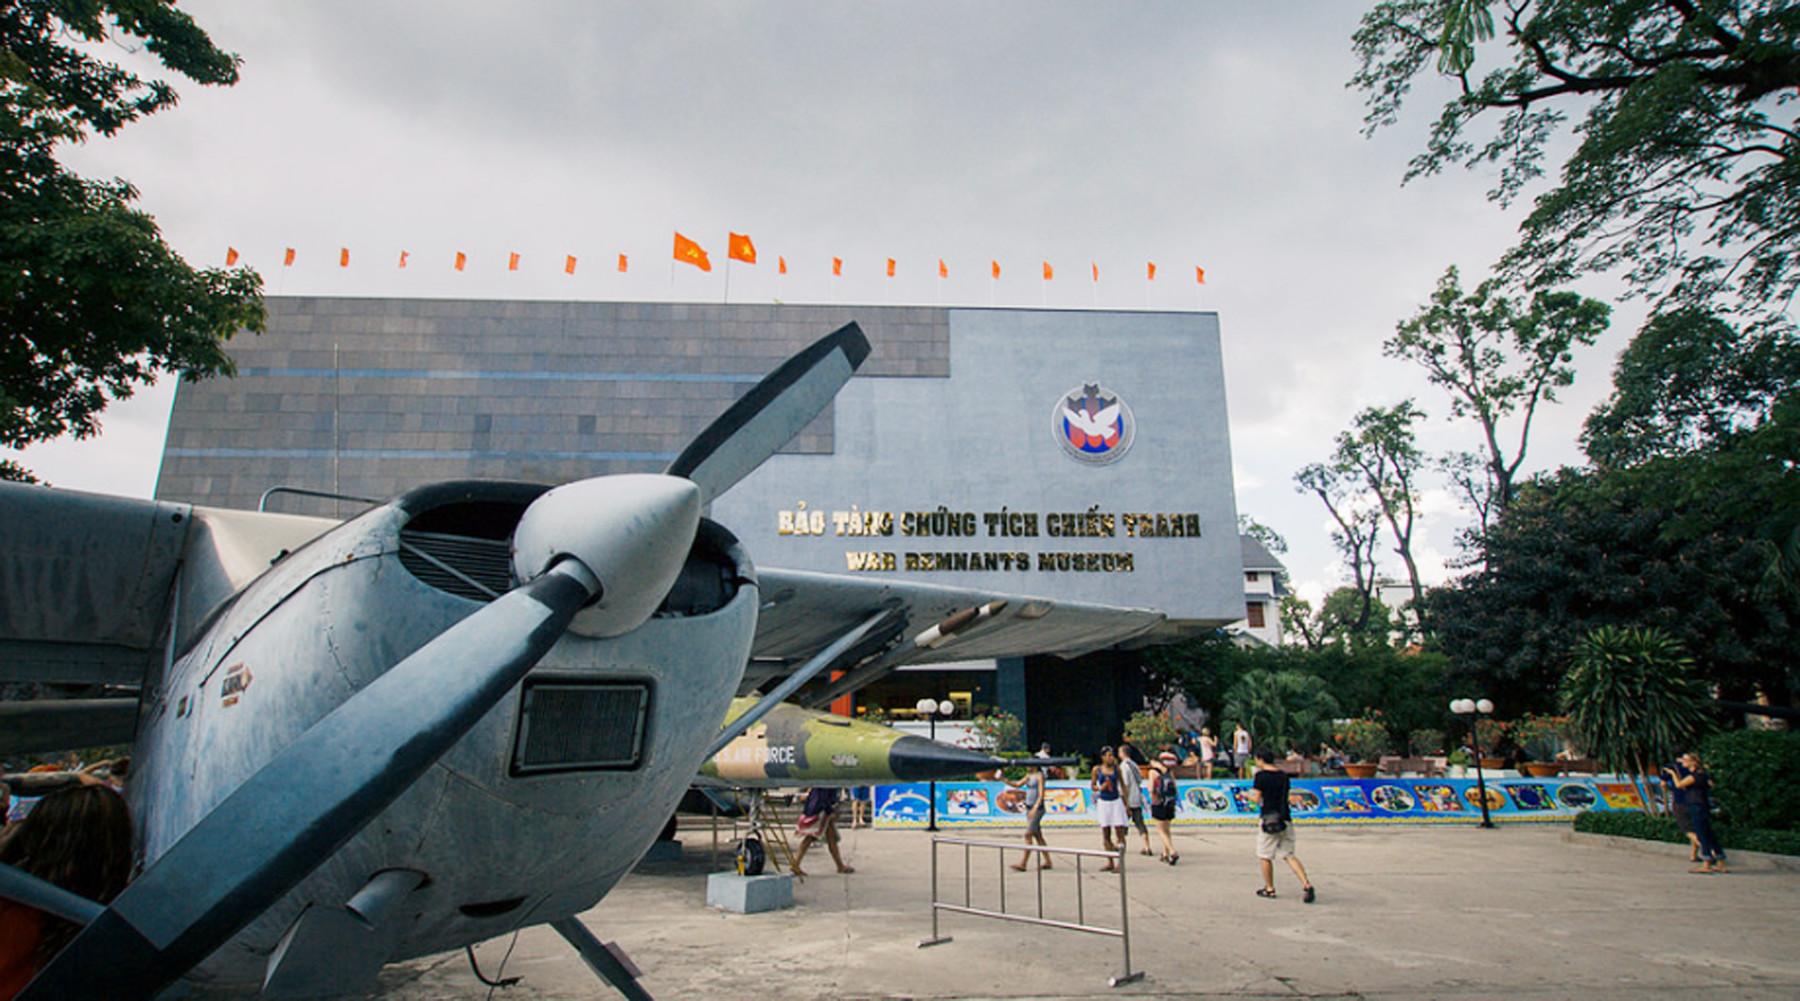 War Remnants Museum in Ho Chi Minh City – Bezoek het oorlogsmuseum